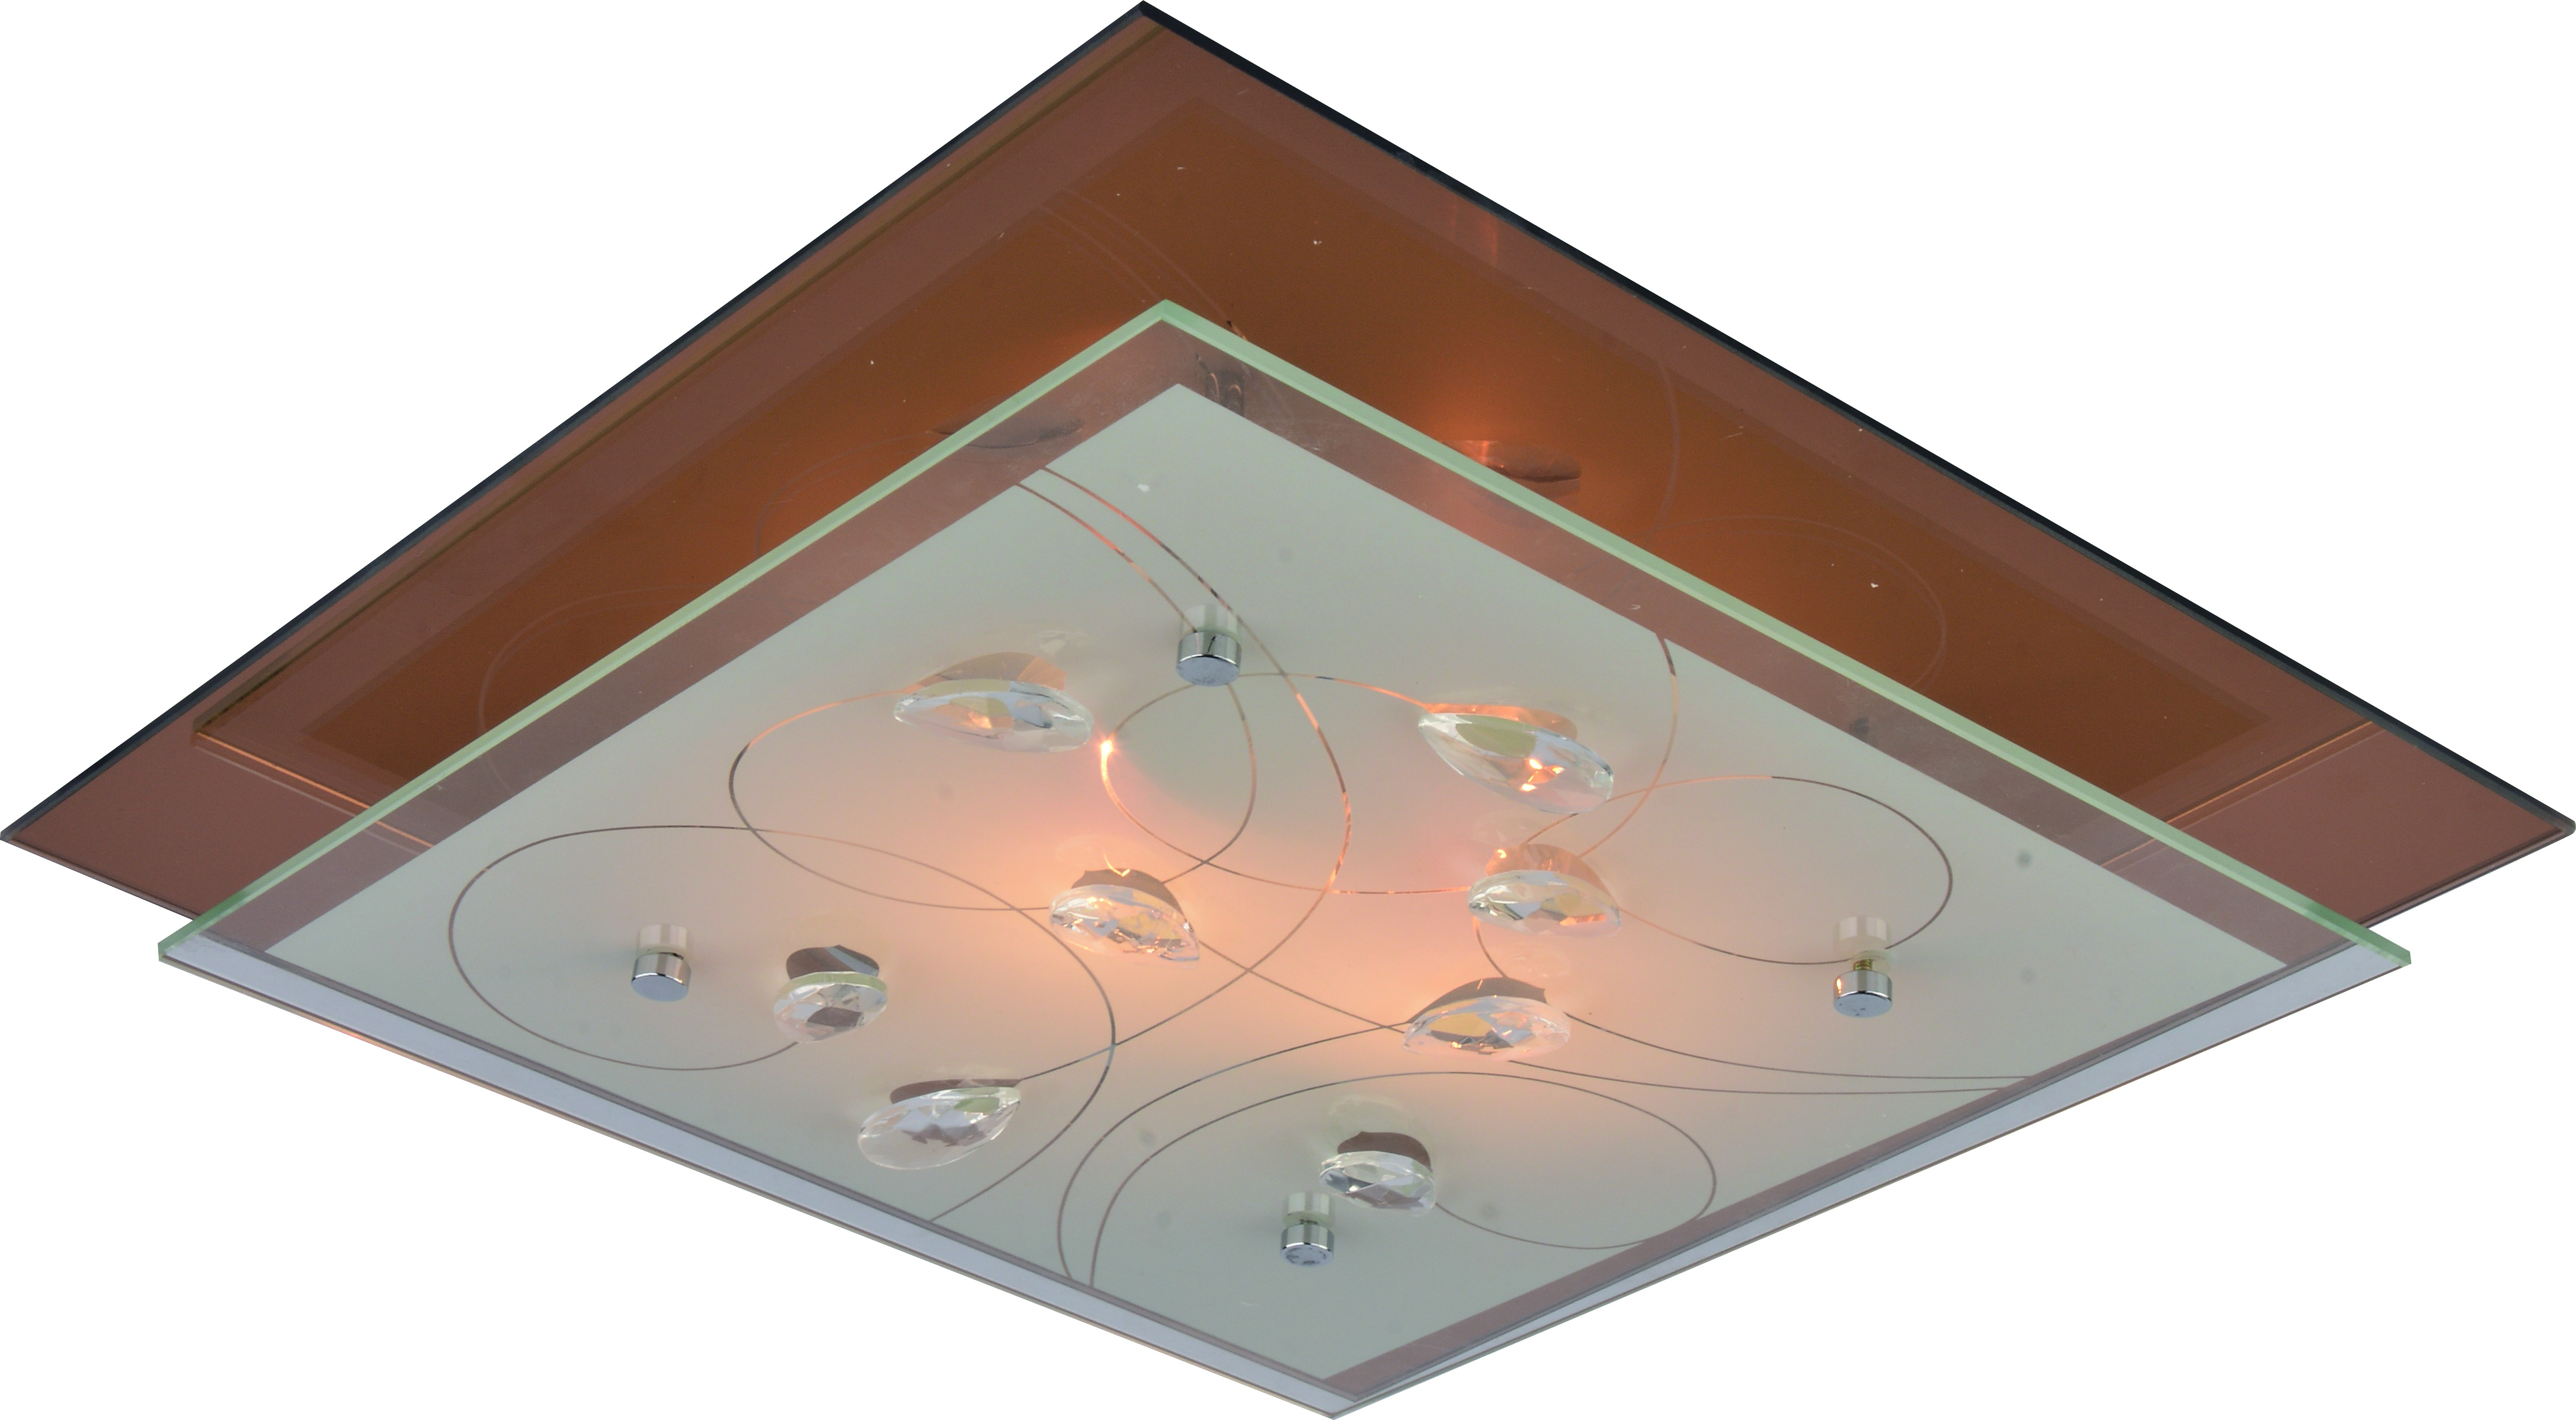 Светильник настенно-потолочный Arte lamp A4042pl-2cc светильник настенно потолочный arte lamp a3820pl 2cc